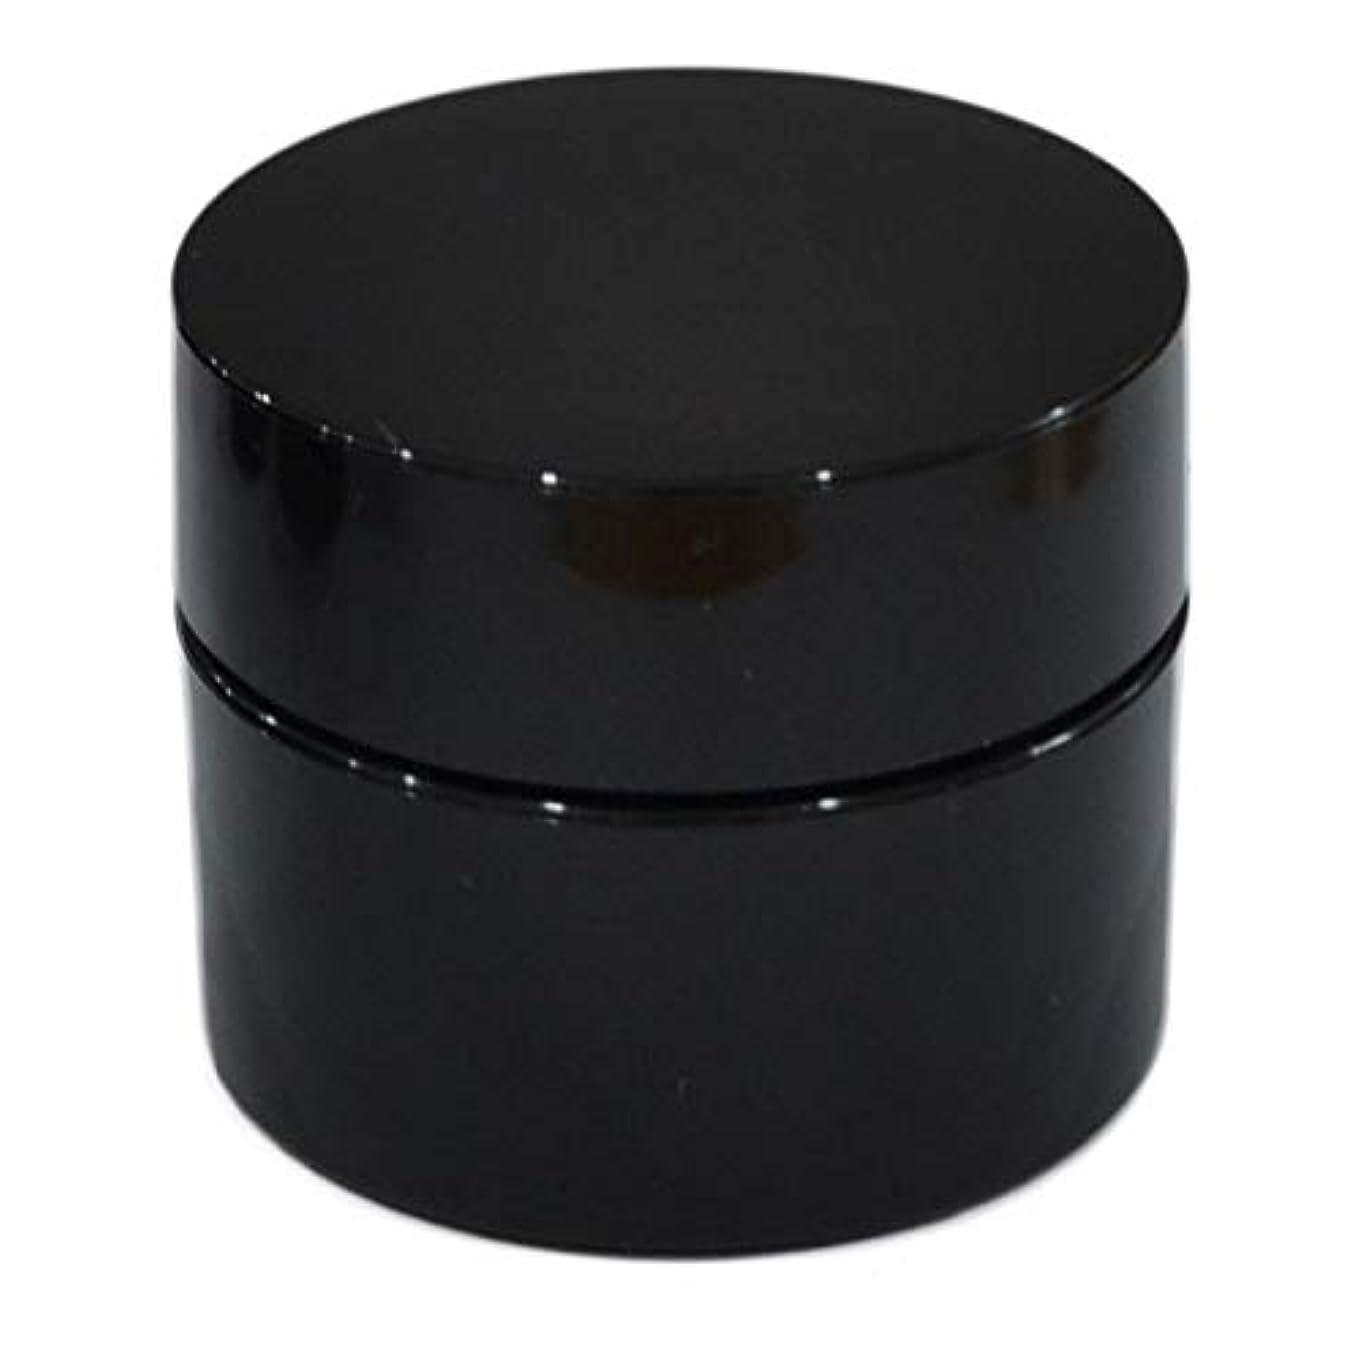 膜冊子テレマコス純国産ネイルジェル用コンテナ 10g用GA10g 漏れ防止パッキン&ブラシプレート付容器 ジェルを無駄なく使える底面傾斜あり 遮光 黒 ブラック